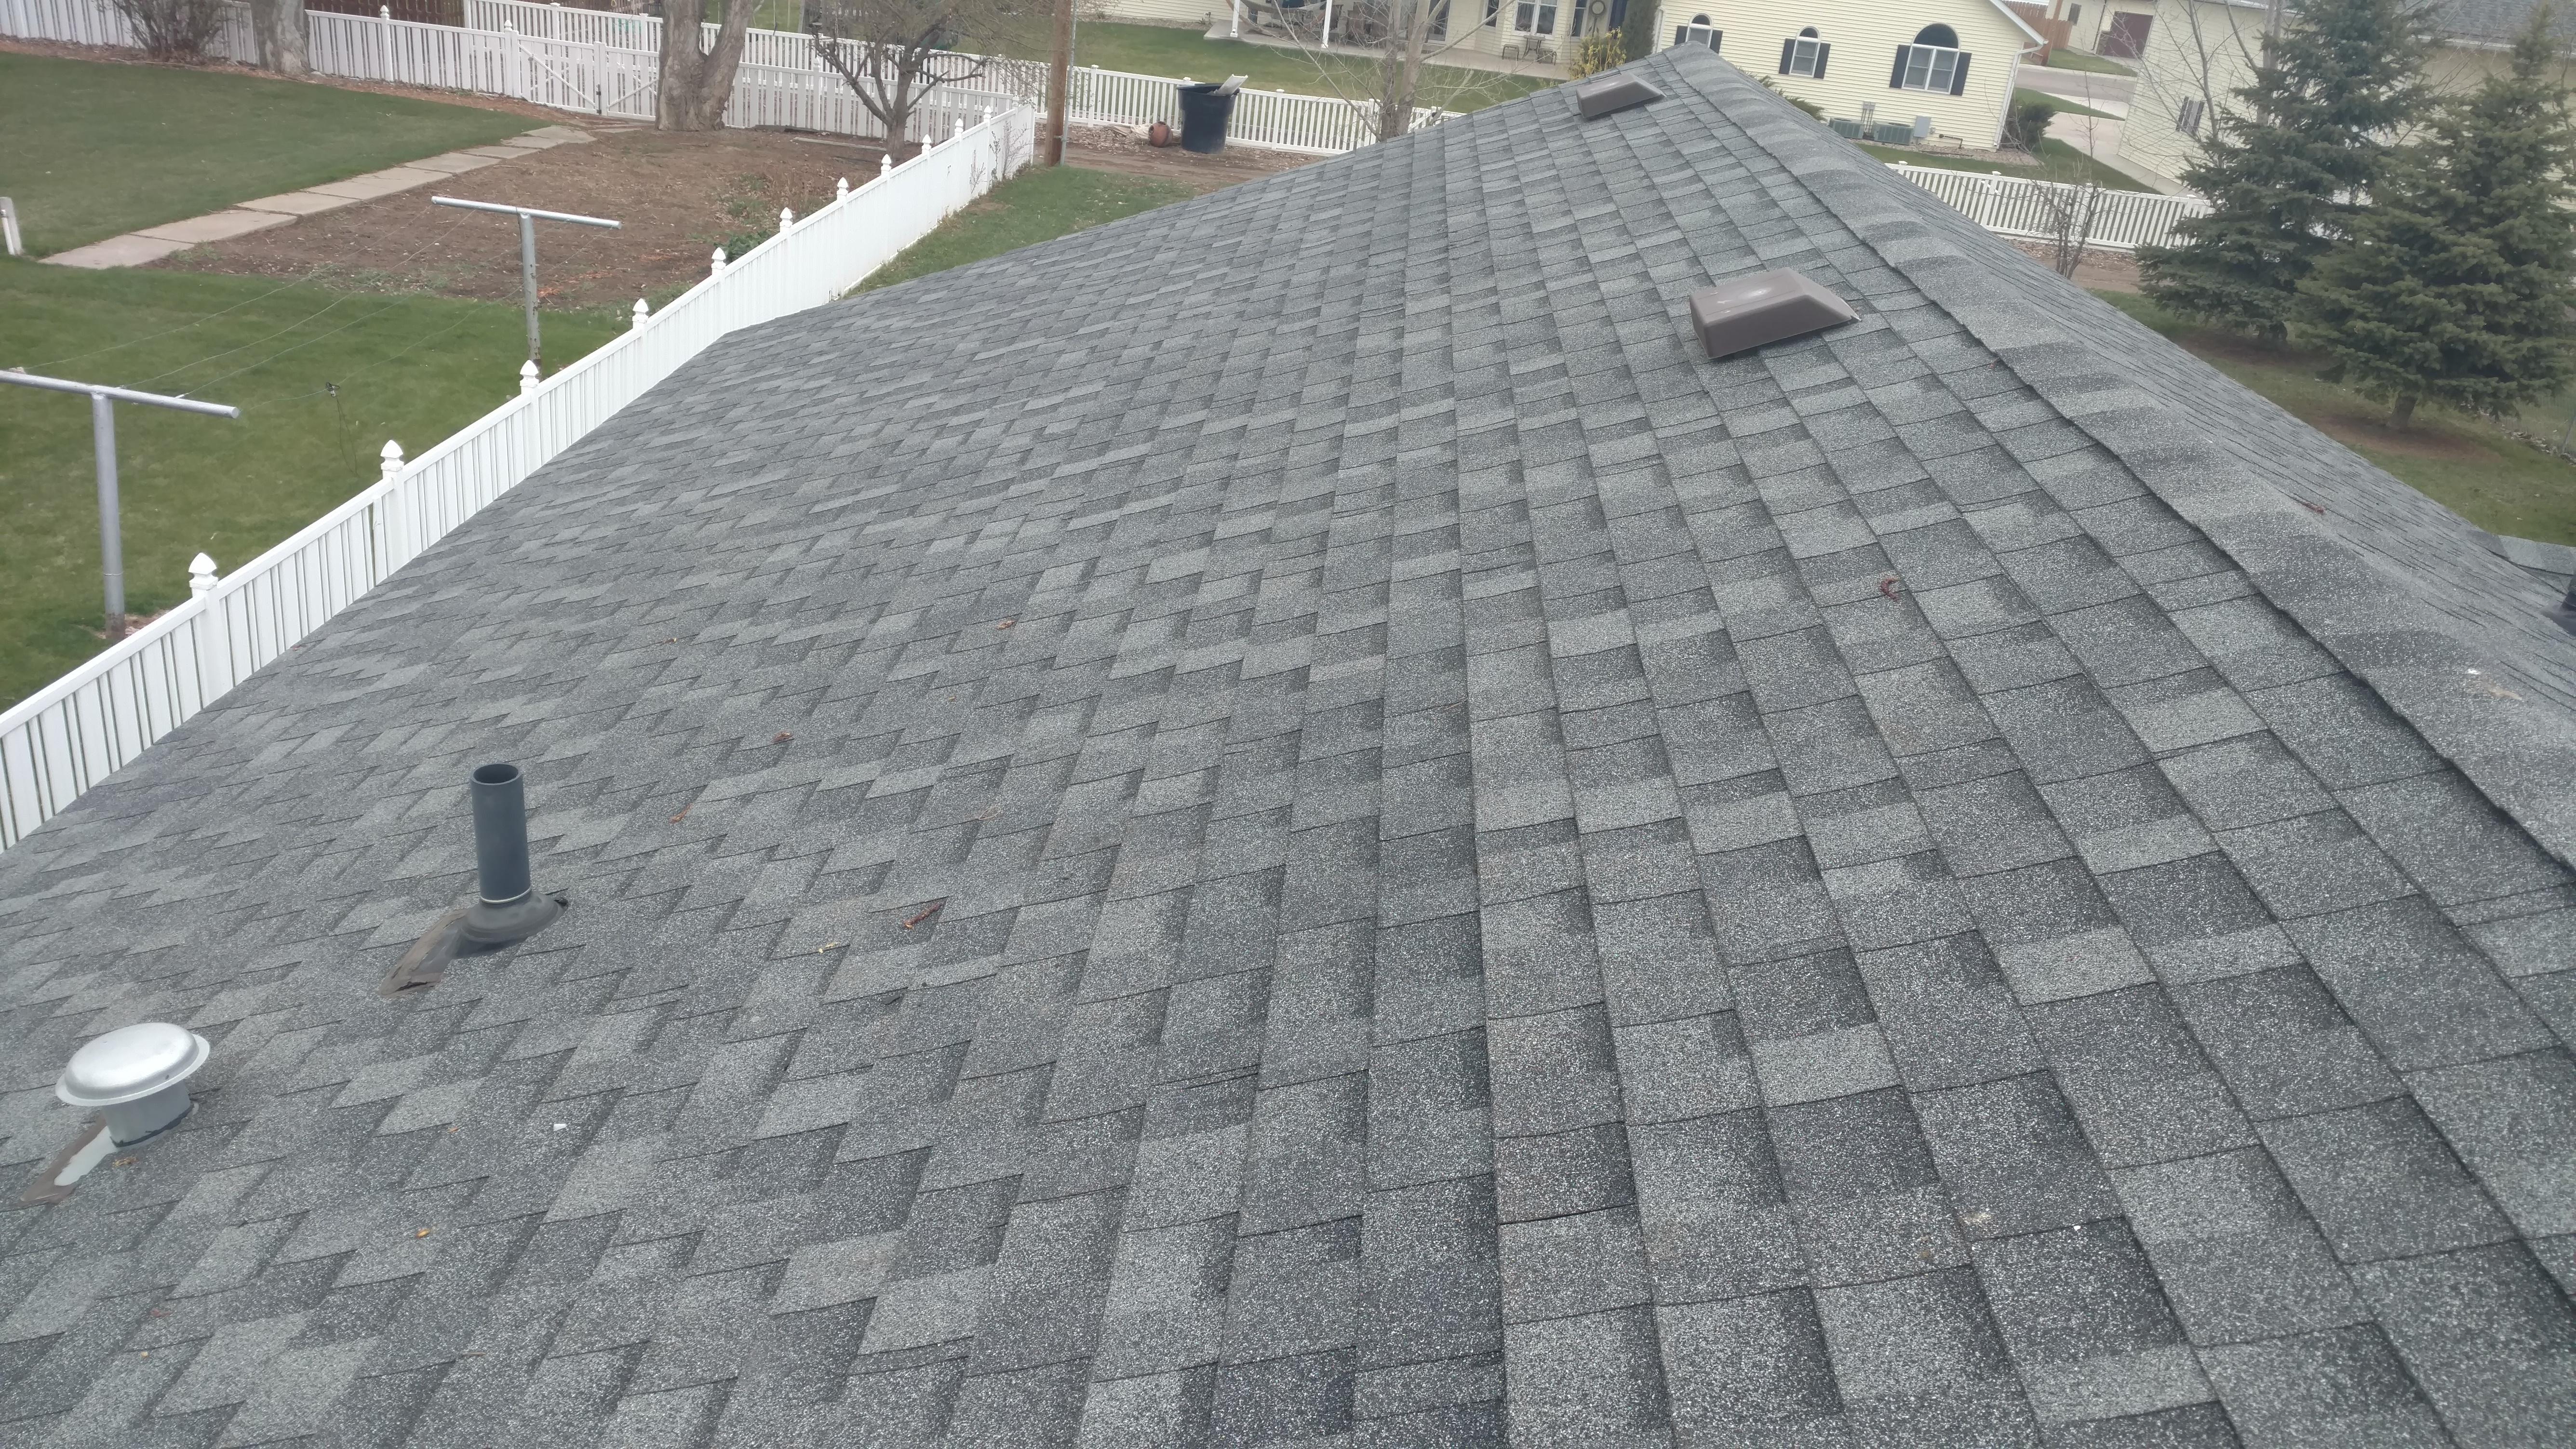 CTD renovations LLC - Sidney, MT 59270 - (406)480-5530 | ShowMeLocal.com